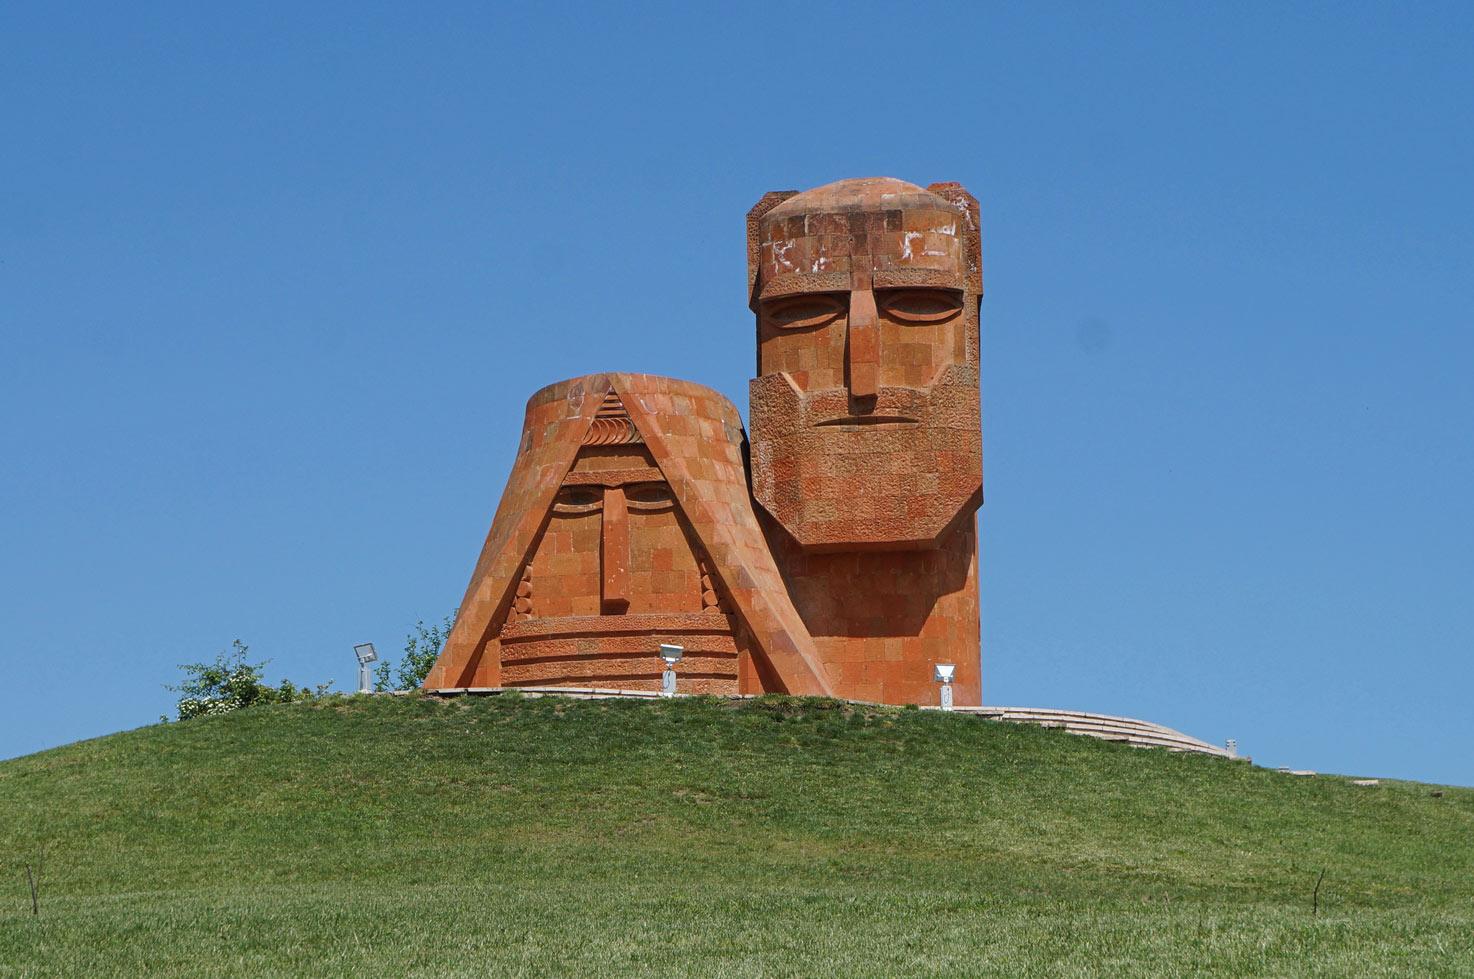 Нагорный Карабах, ожидания и открытия. Часть 2. Неожиданные открытия